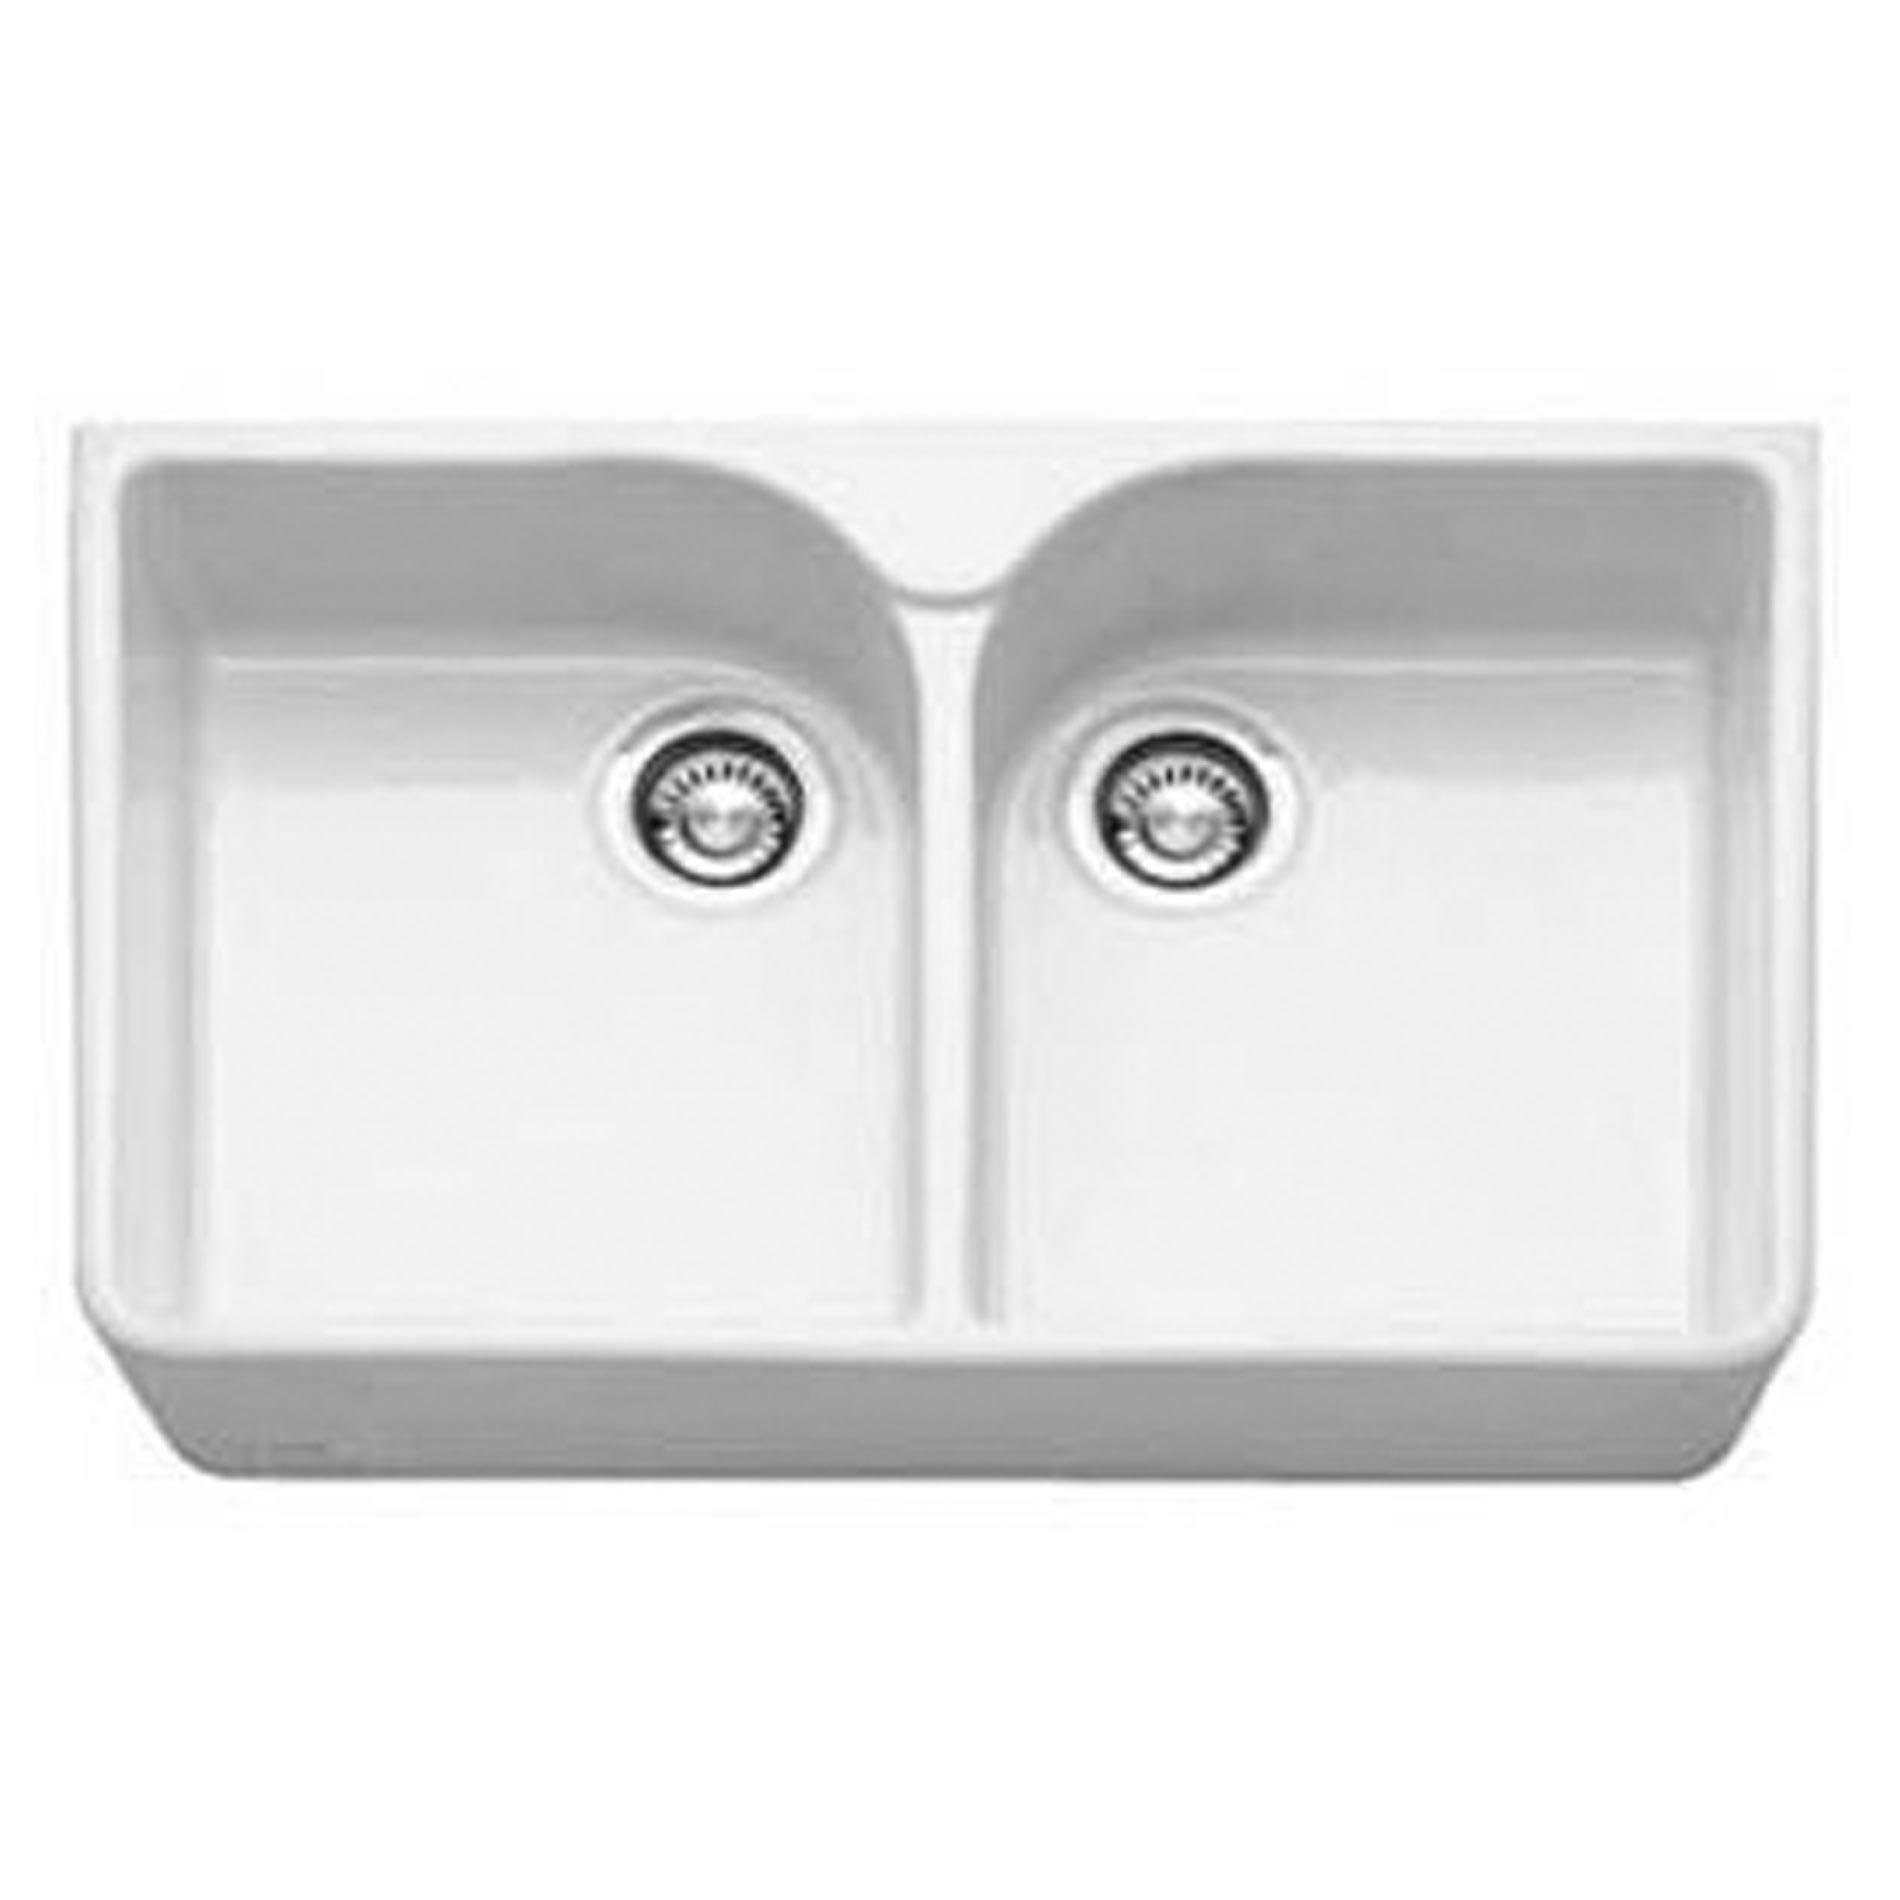 Villeroy & Boch: Farmhouse 90 Ceramic Sink 6332 - Kitchen Sinks & Taps